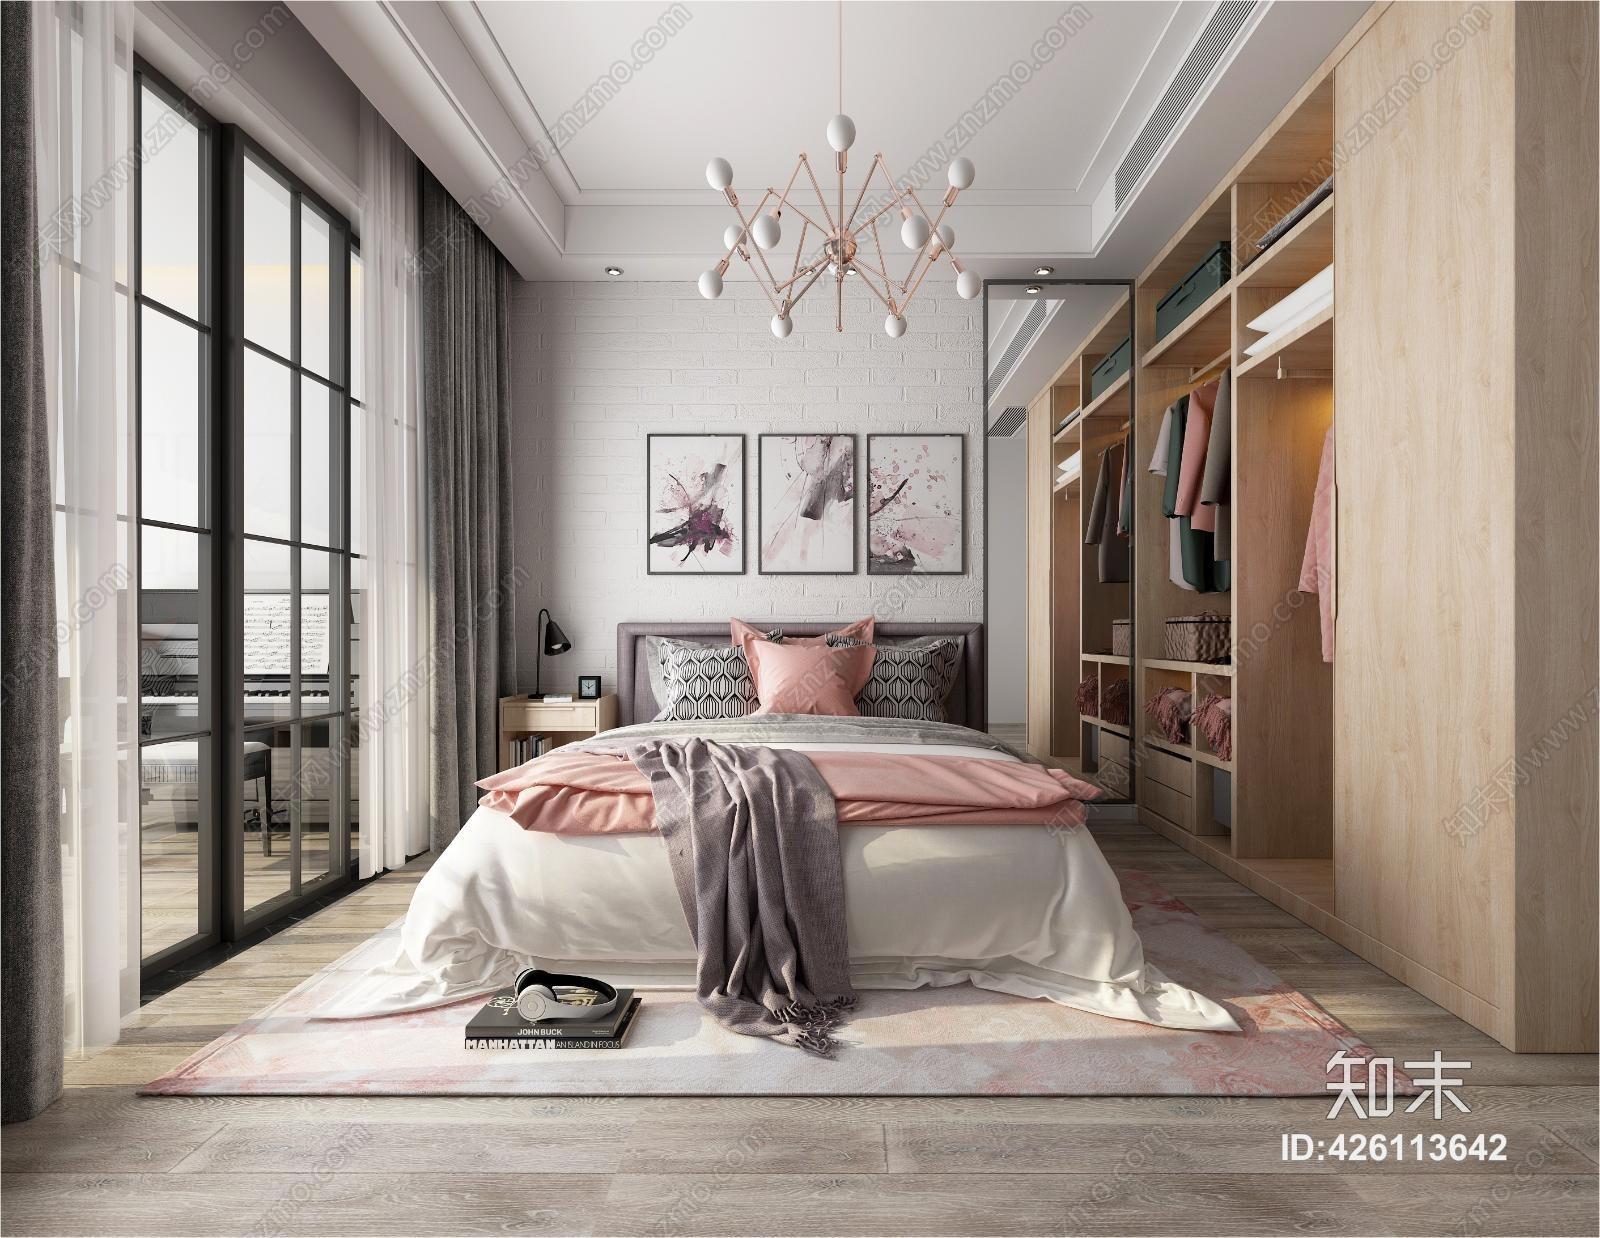 北欧风格女孩房 床头柜 床尾凳 双人床 床 单人床 吊灯 挂画 壁灯